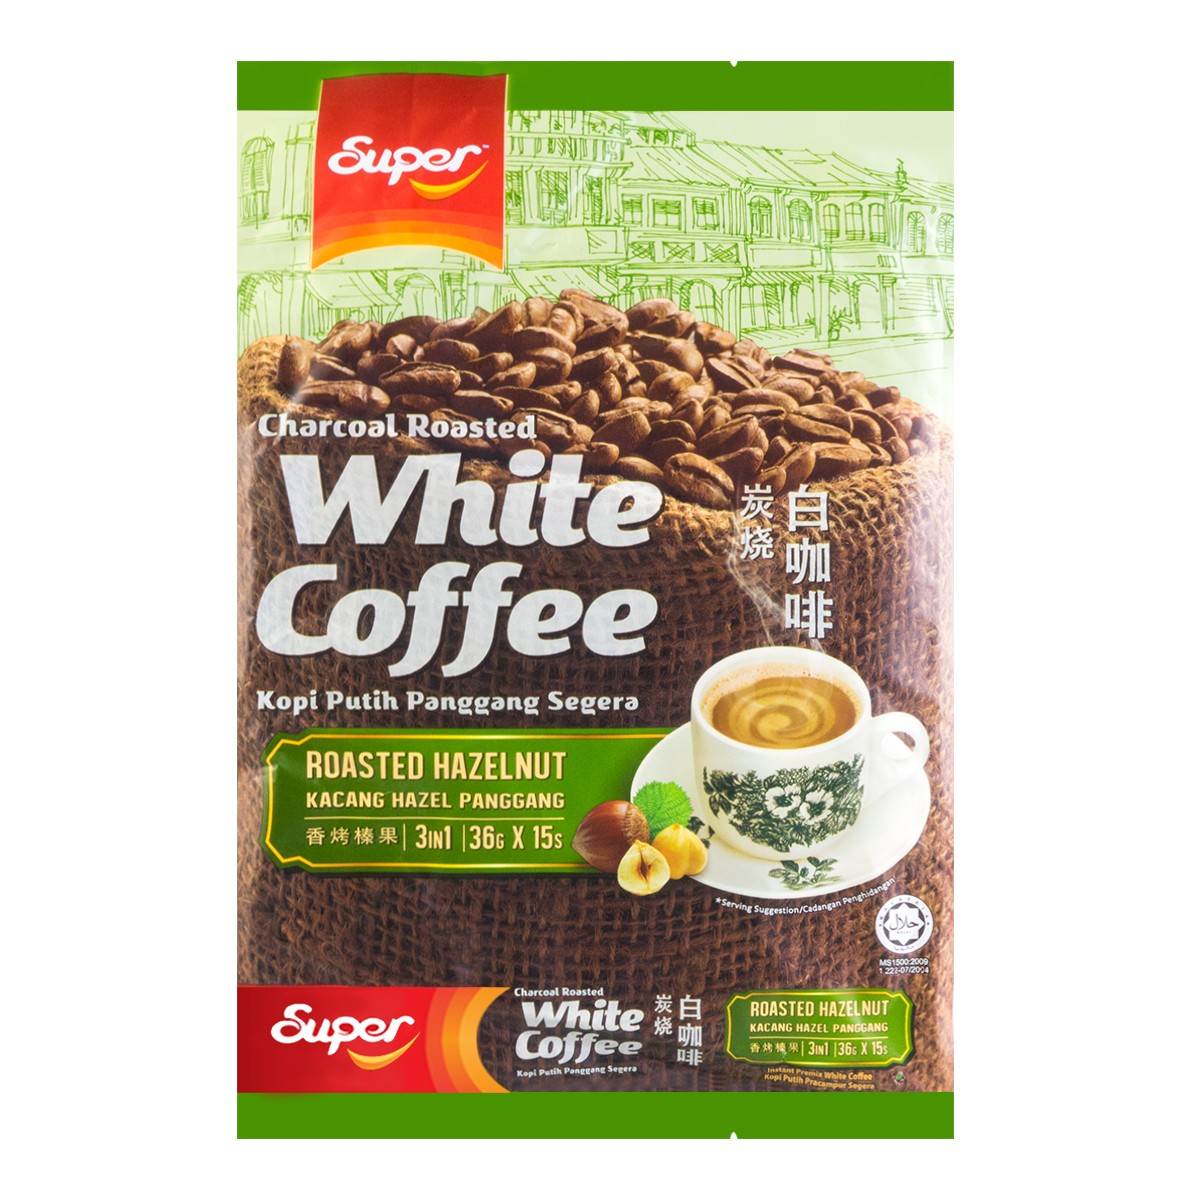 新加坡SUPER超级 炭烧白咖啡 15包入 540g